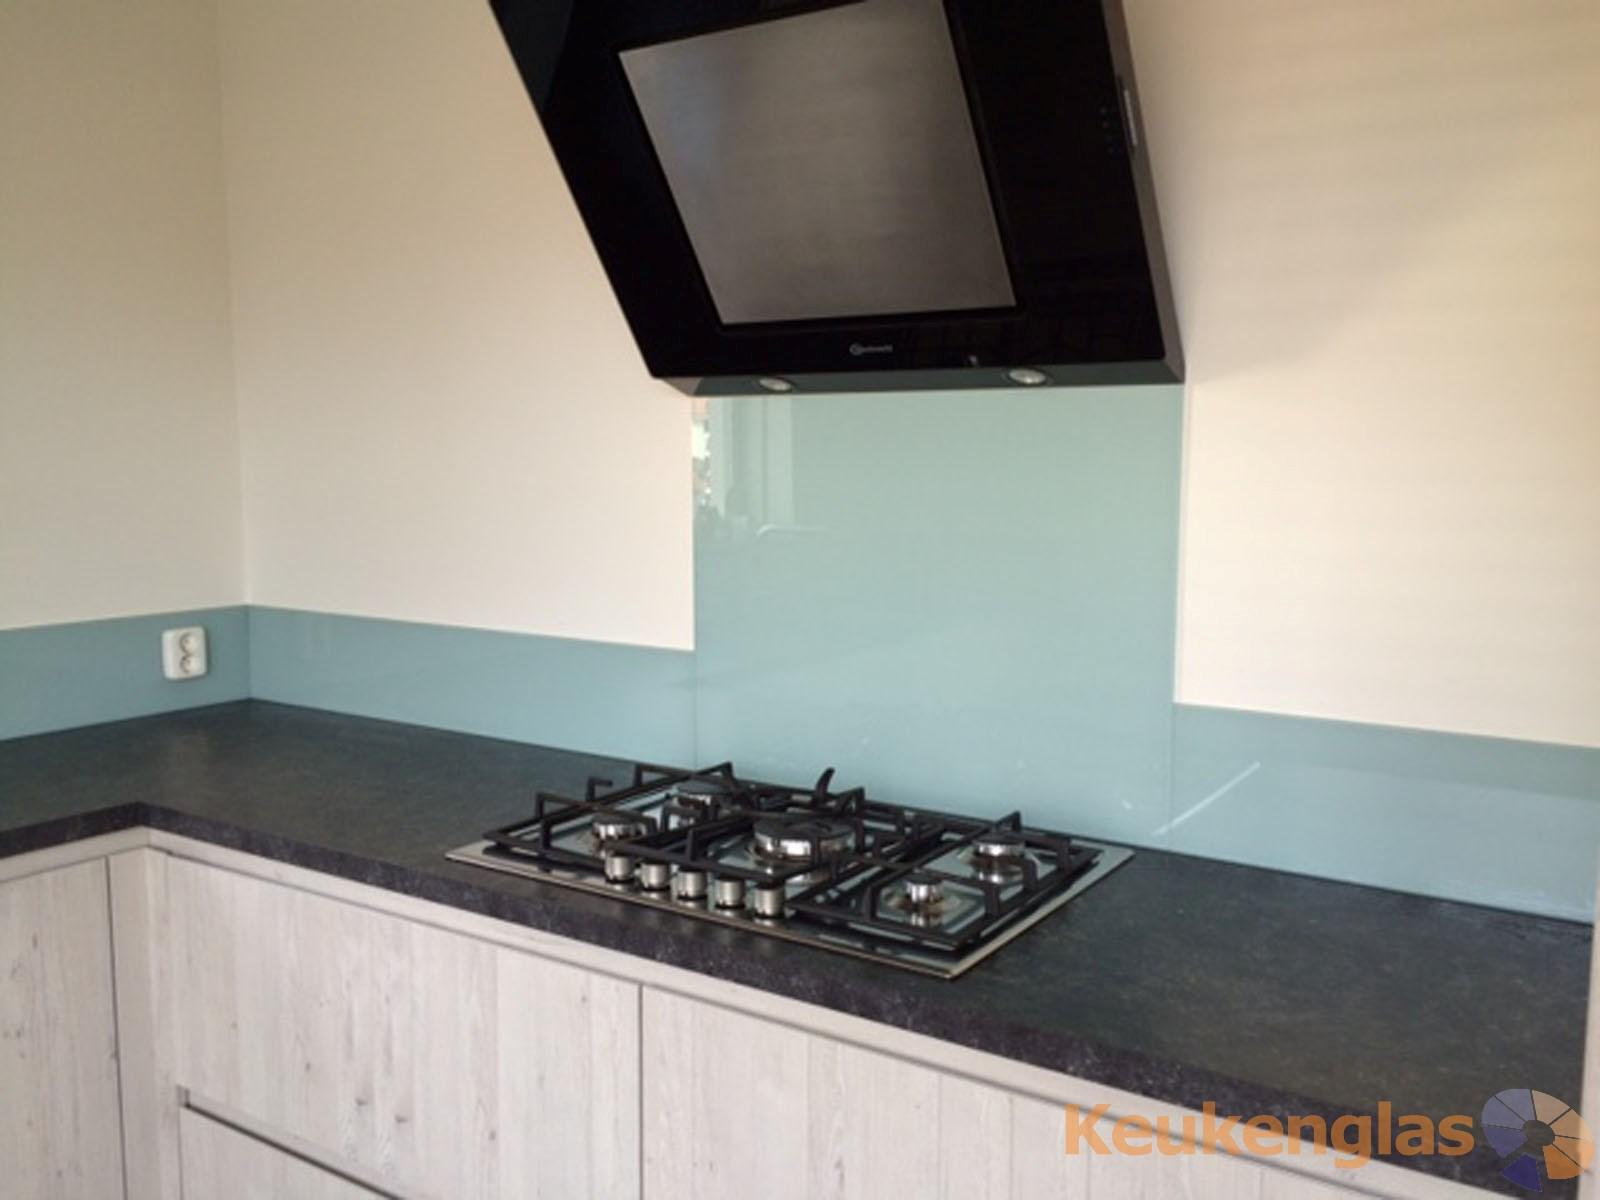 Lichtgrijze keuken achterwand in nieuwegein   keukenglas